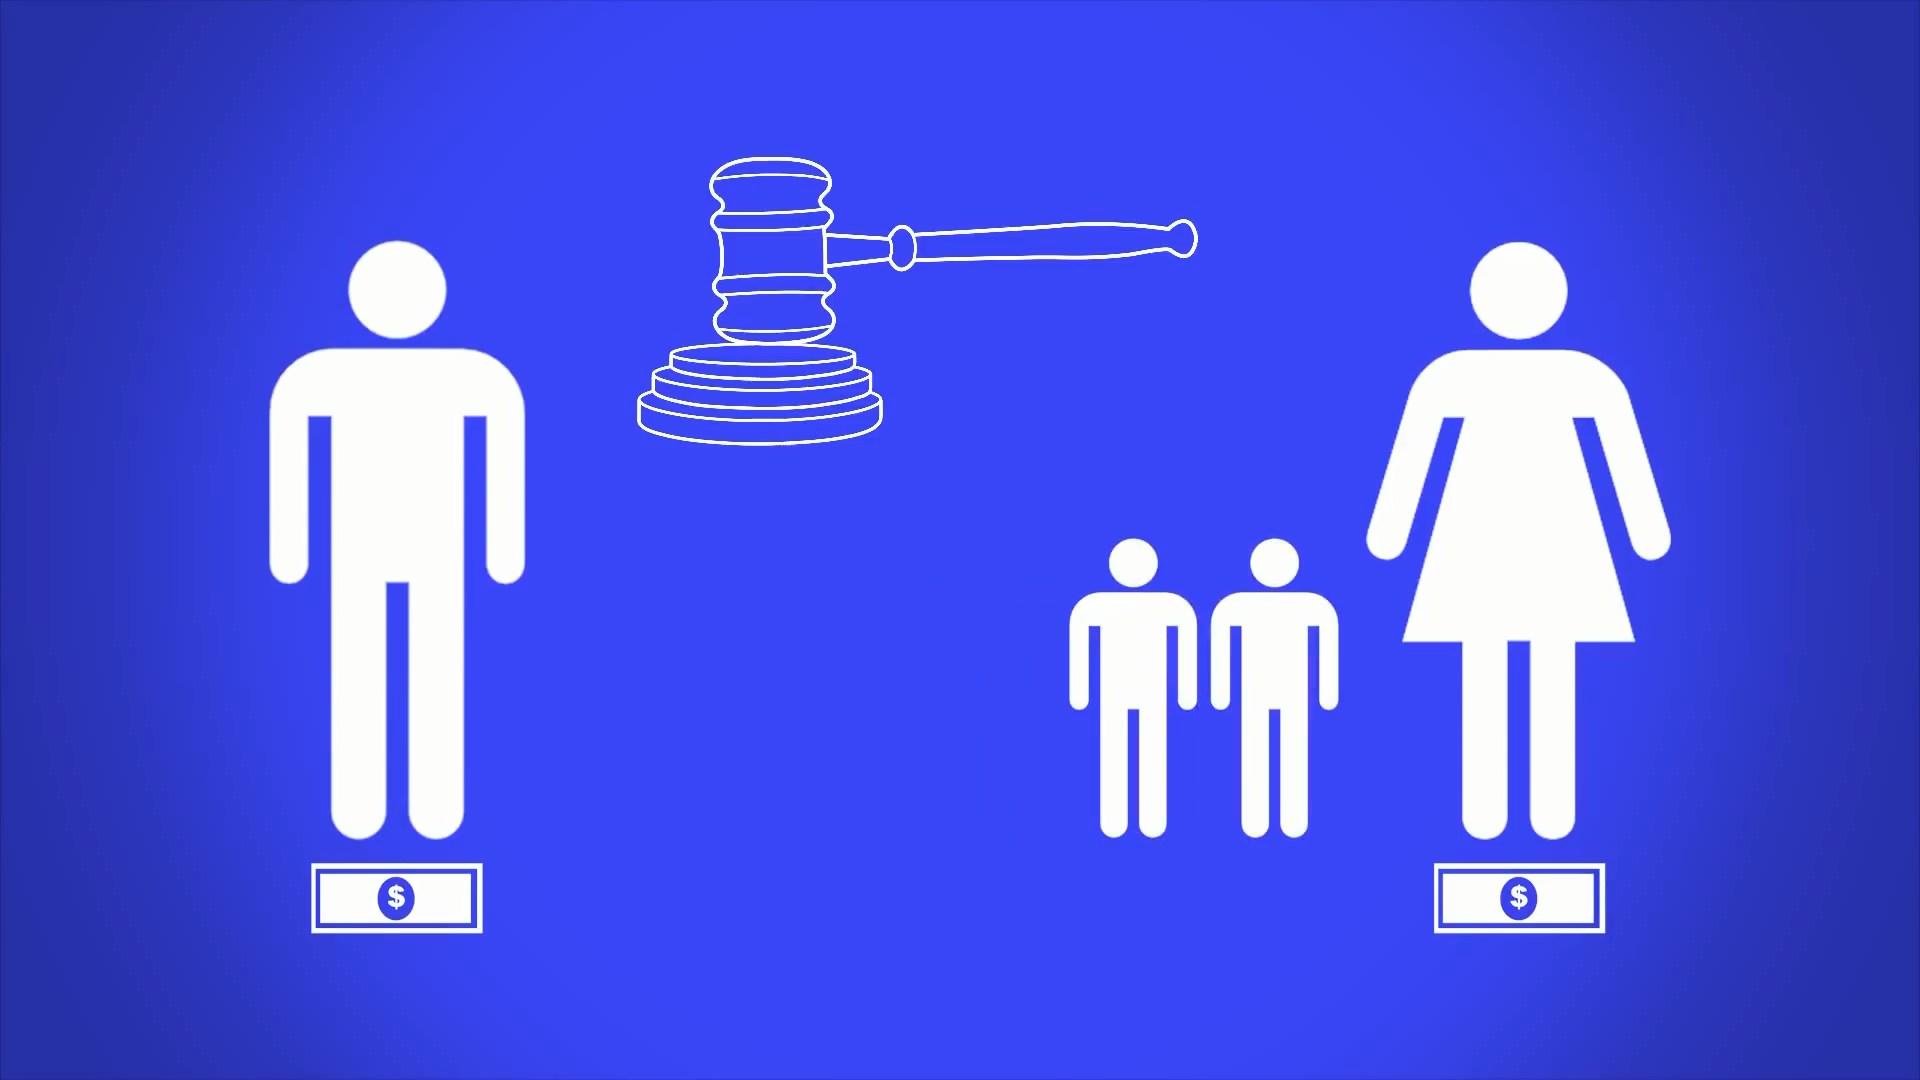 Цифросексуалов становится всё больше: почему мужчины меняют женщин на роботов?